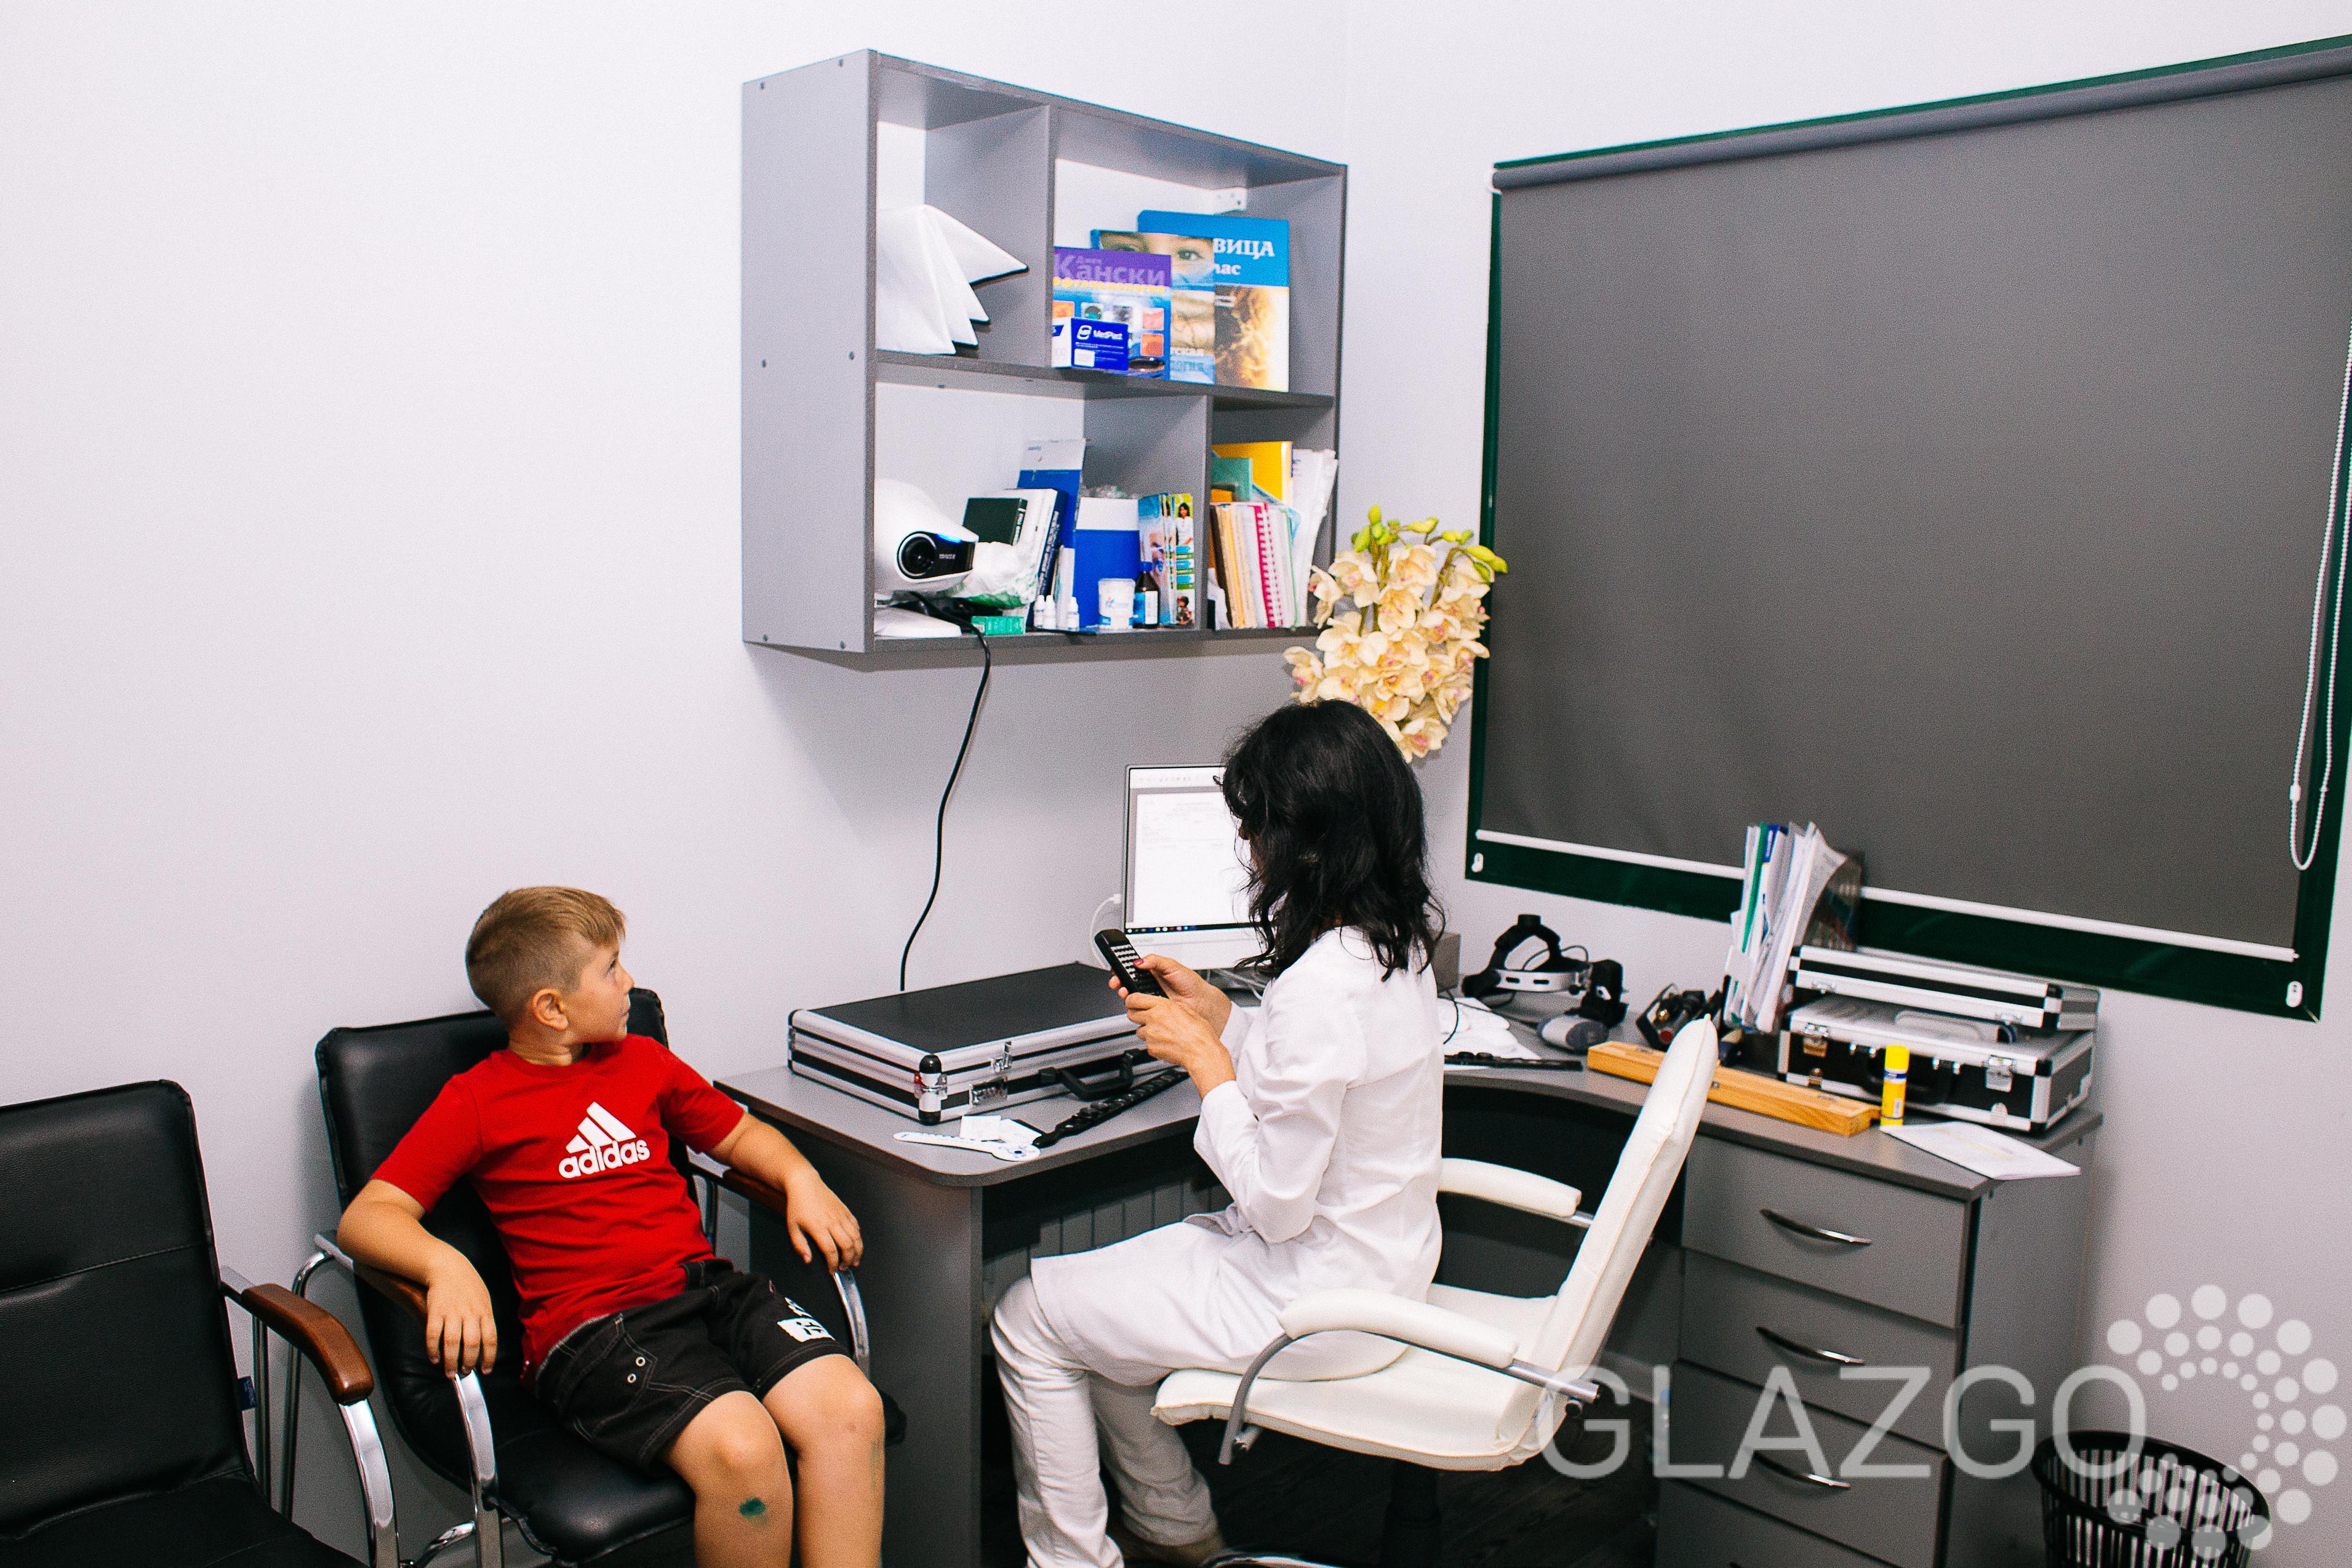 Детская офтальмология в Glazgo